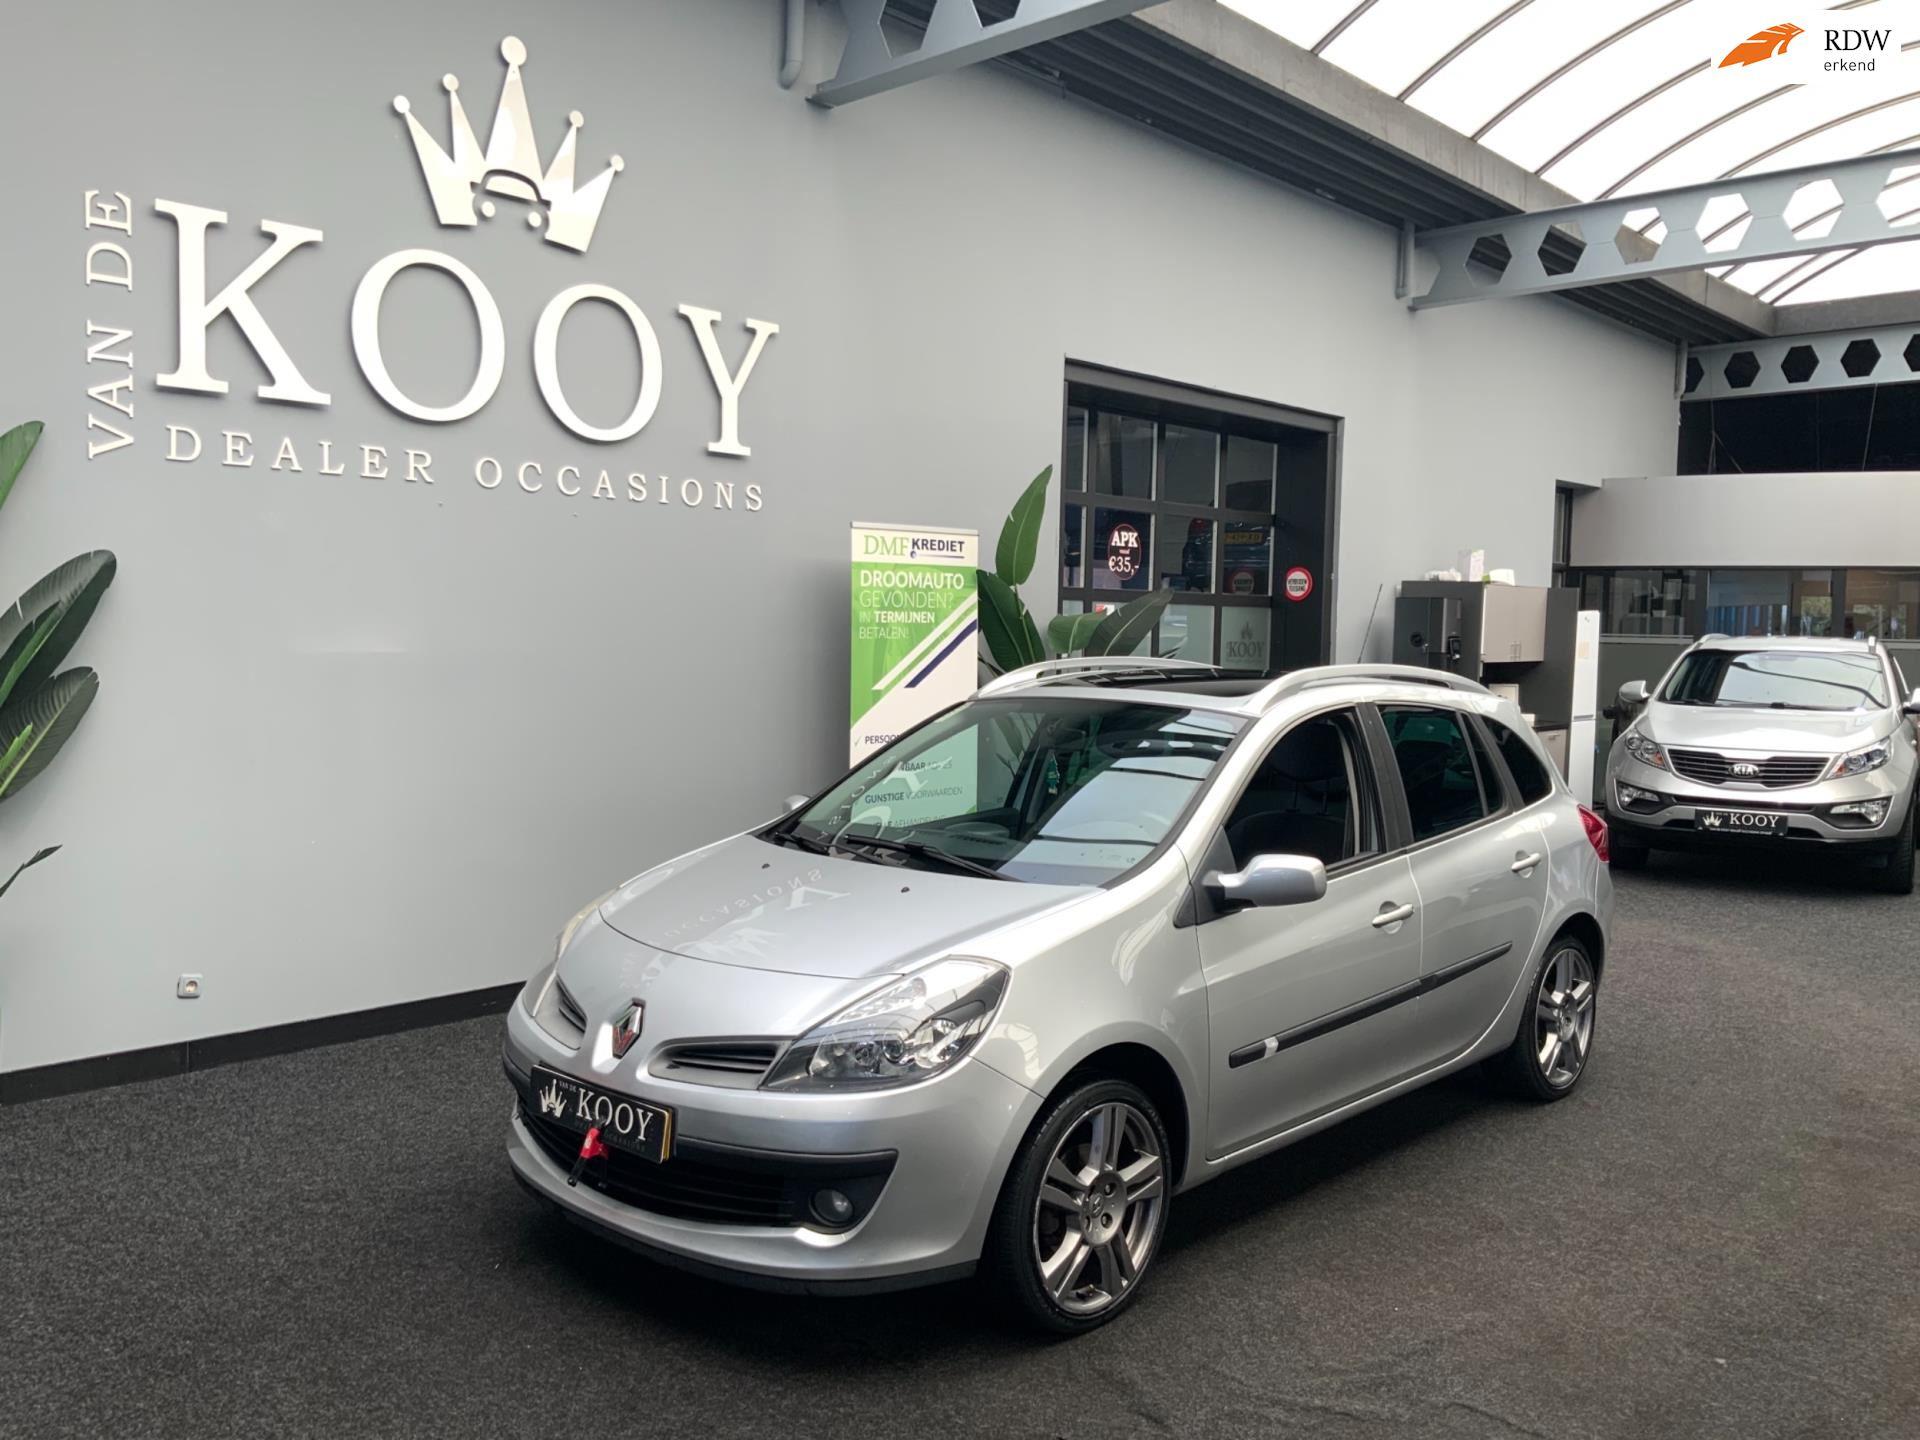 Renault Clio Estate occasion - Van De Kooy Dealer Occasions Opmeer